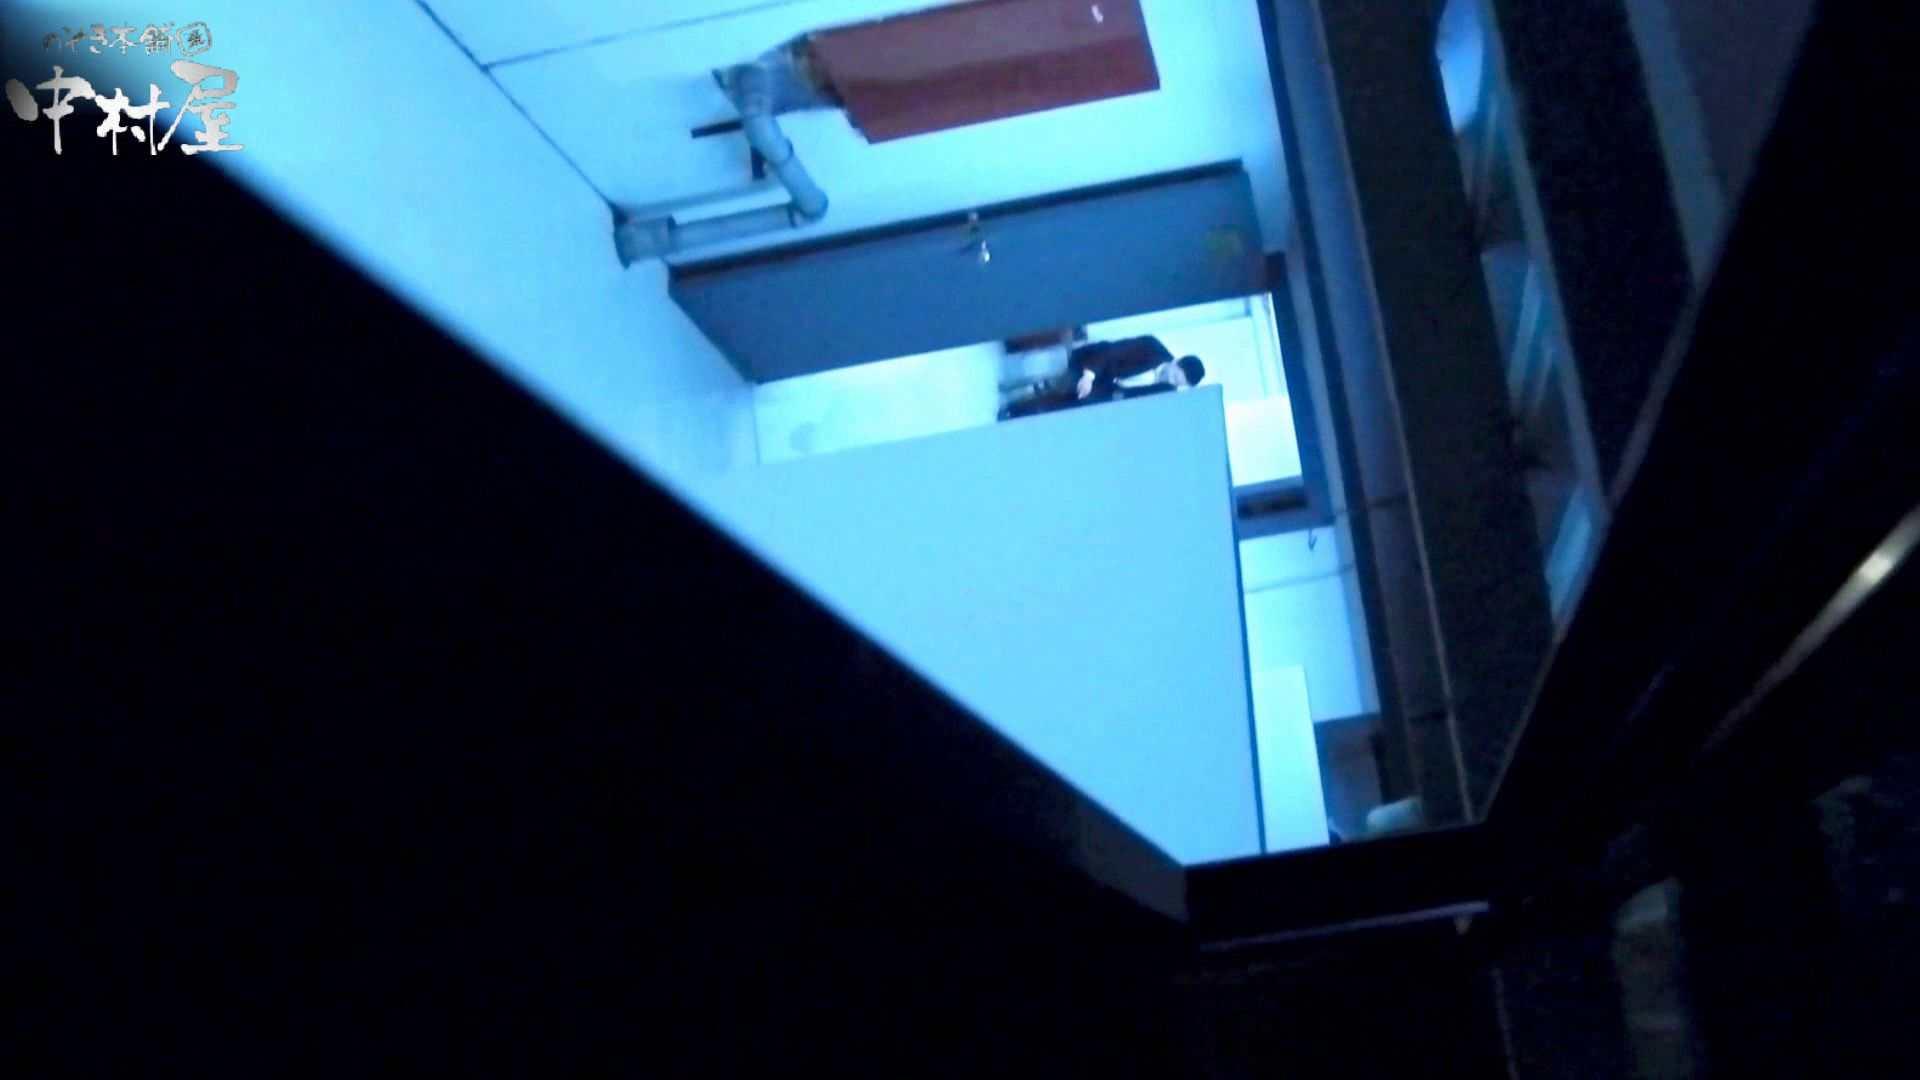 新世界の射窓 No70 世界の窓70 八頭身美女のエロい中腰 美女ヌード  49画像 12